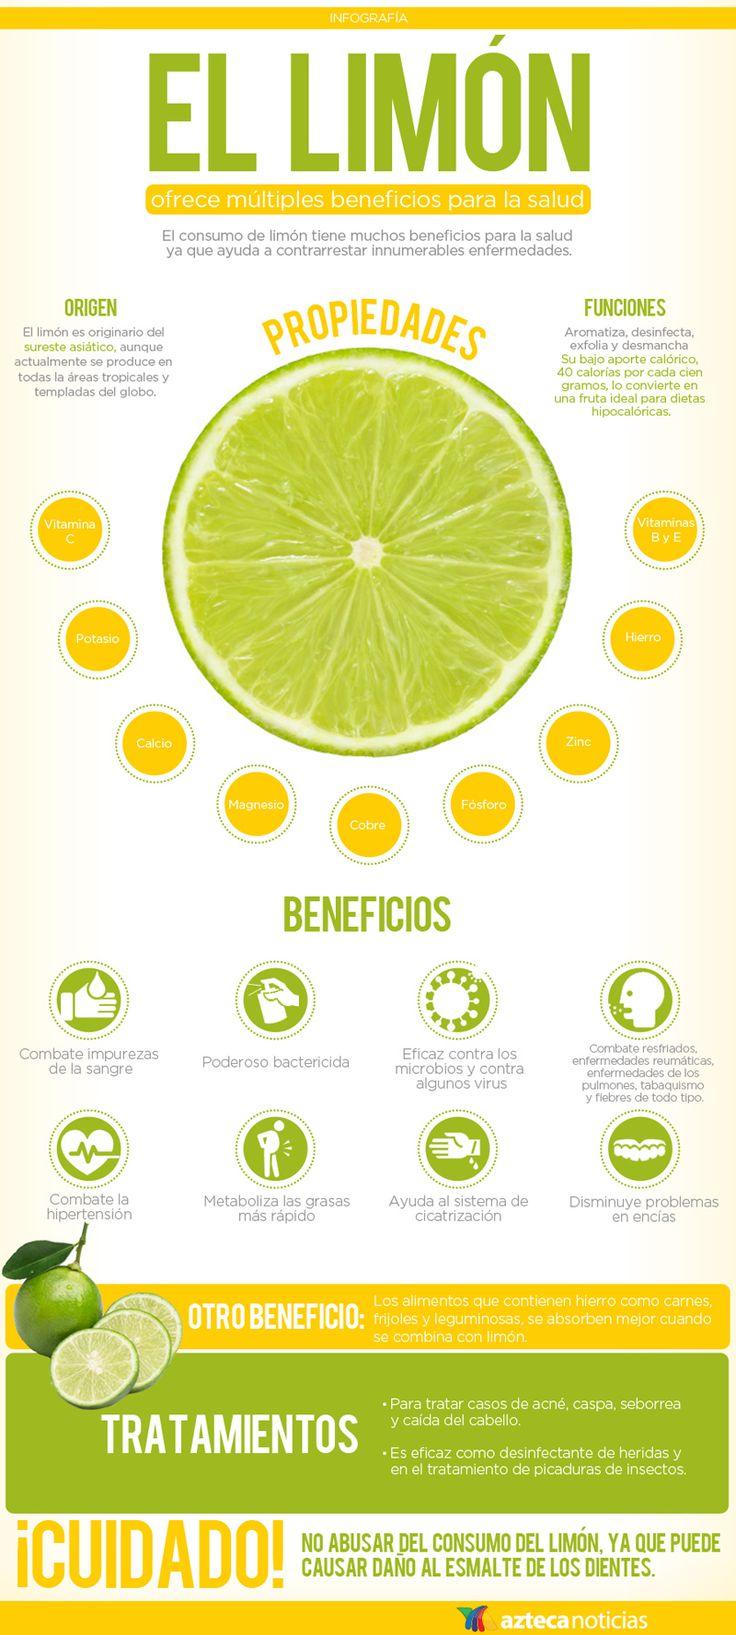 El limón ofrece múltiples beneficios para la salud #infografia